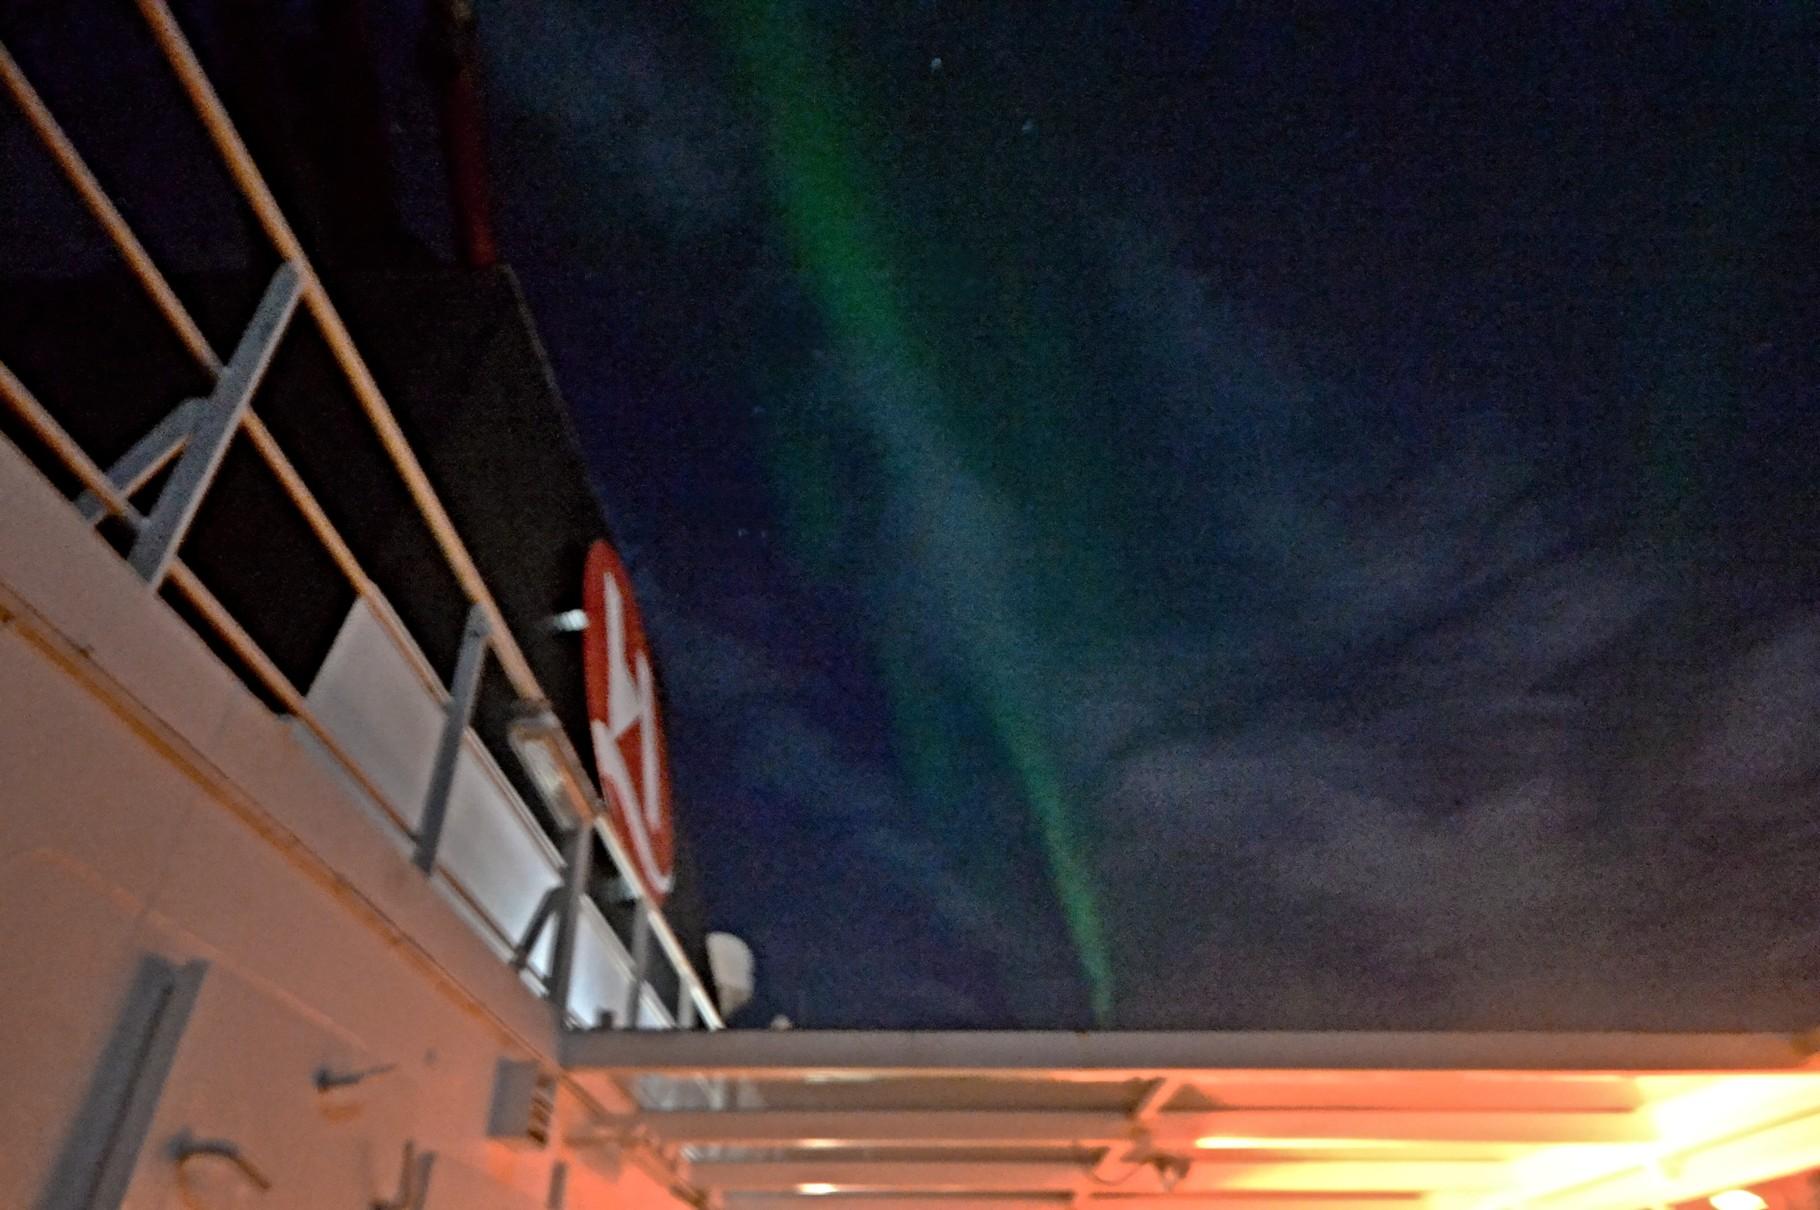 Bild 10-199 - Durchschnitt ist nur alle elf Jahre ein Polarlicht-Maximum zu sehen.